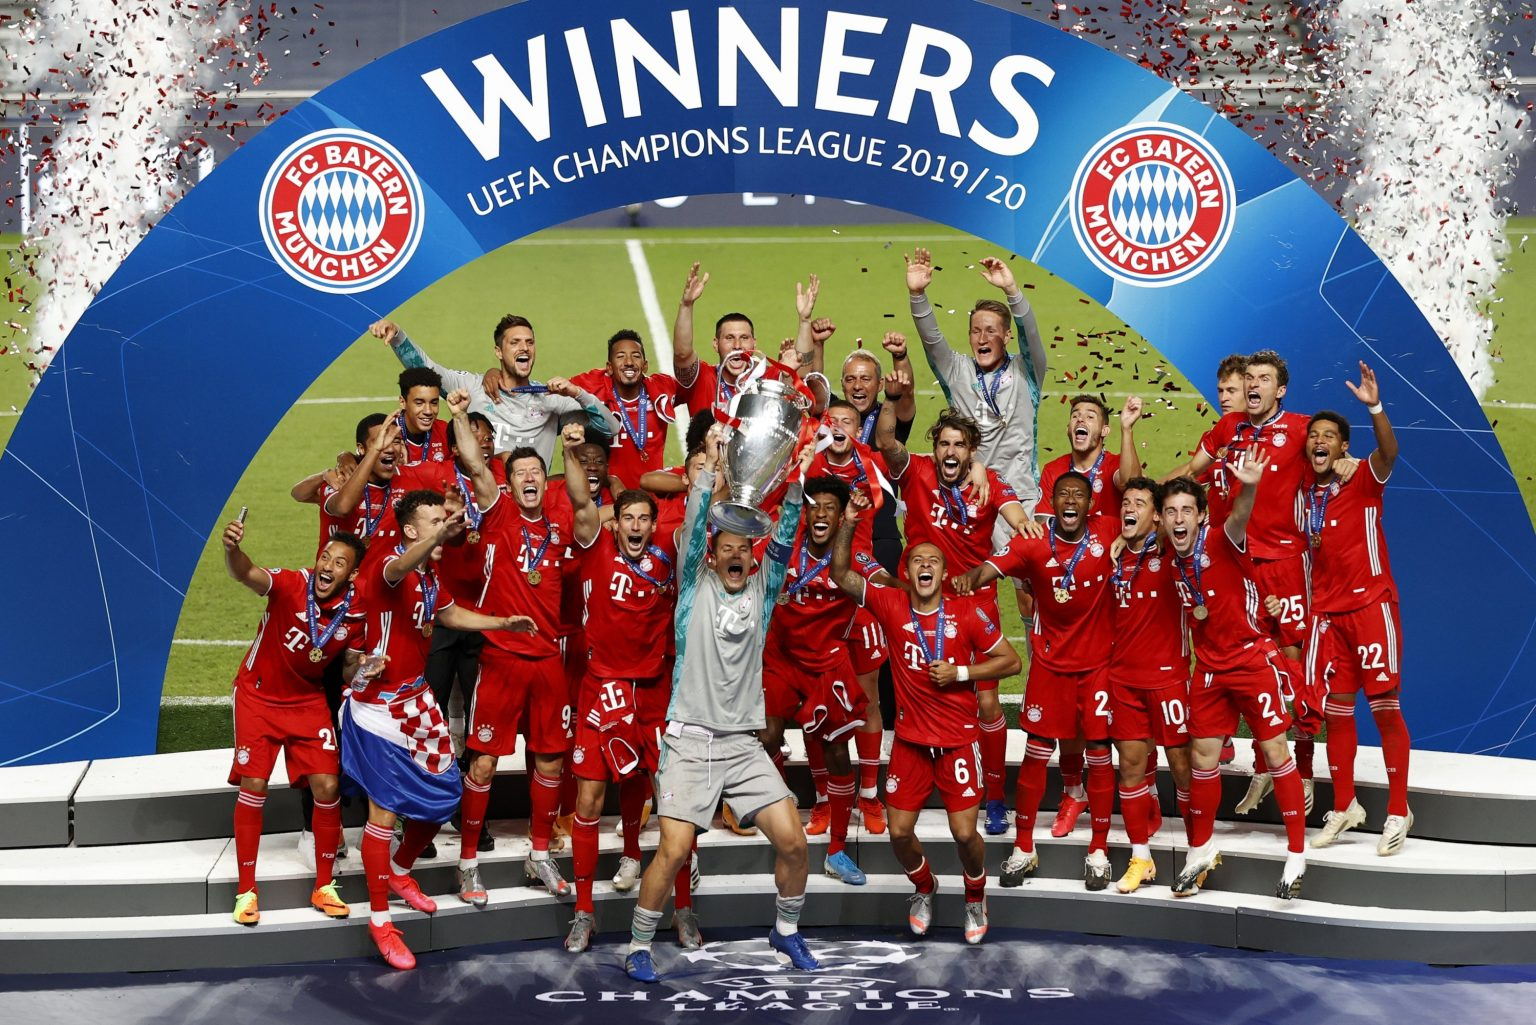 Bayerni me rregulla strikte: Asnjë futbollist nuk do të paguhet mbi 20 milionë euro